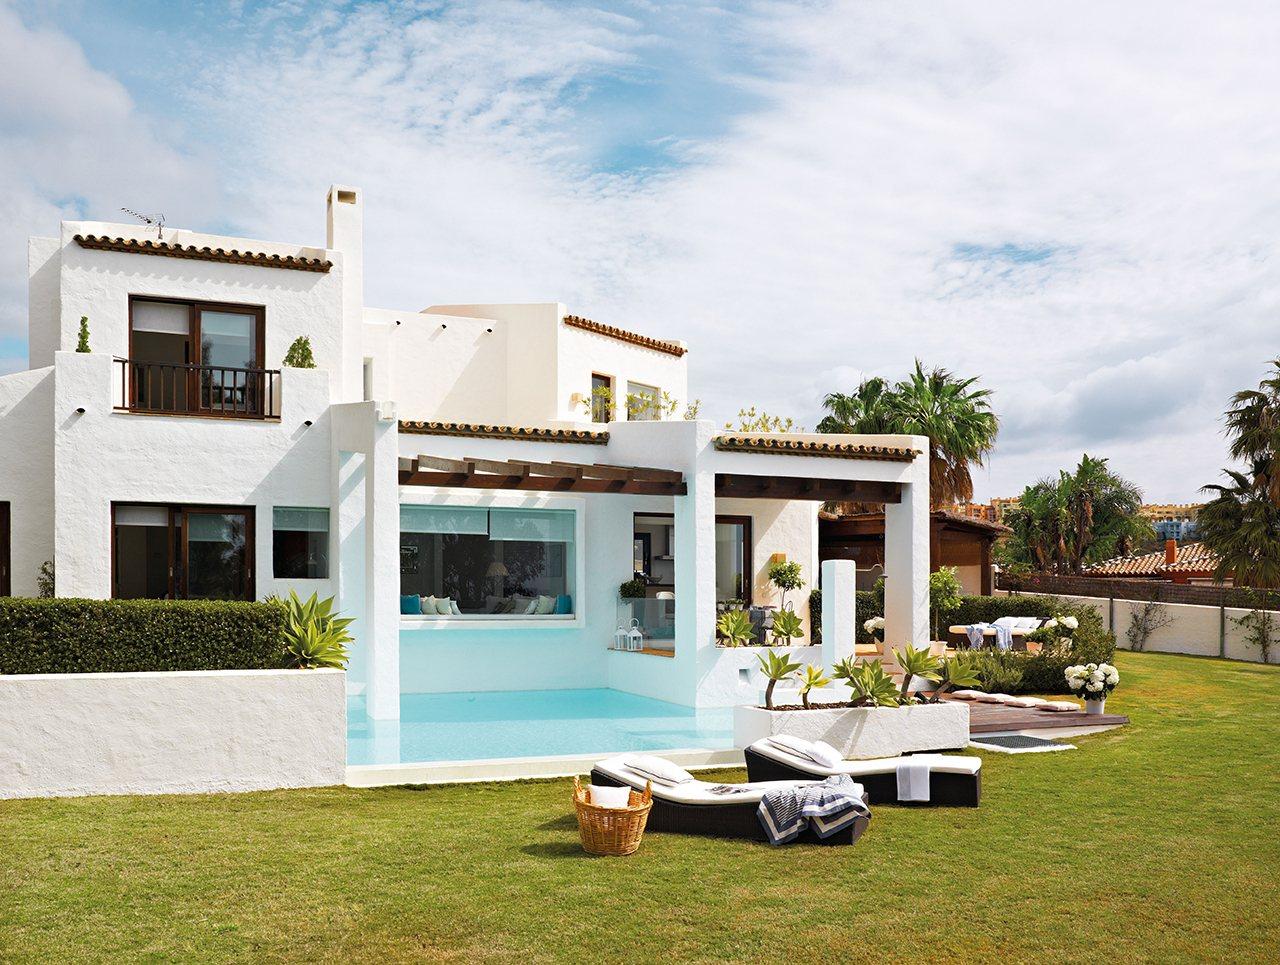 Una casa fresca de esencia andaluza for Casas bonitas con alberca y jardin